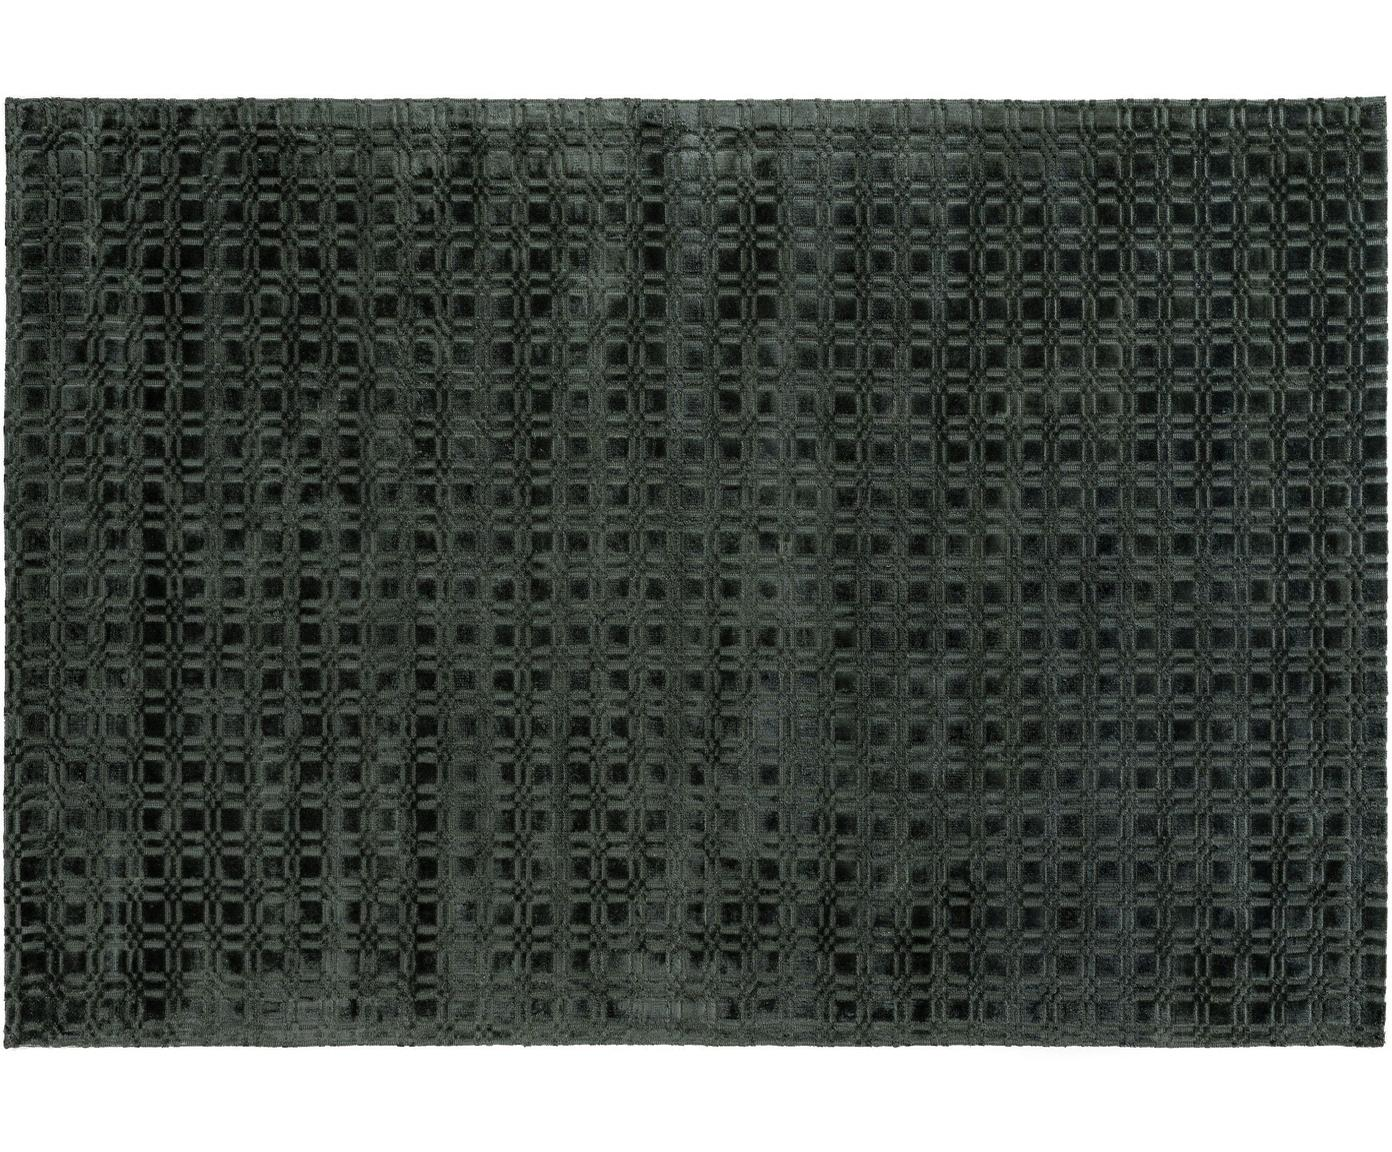 Alfombra de viscosa artesanal Nelson, Viscosa, Verde oscuro, An 140 x L 200 cm (Tamaño S)